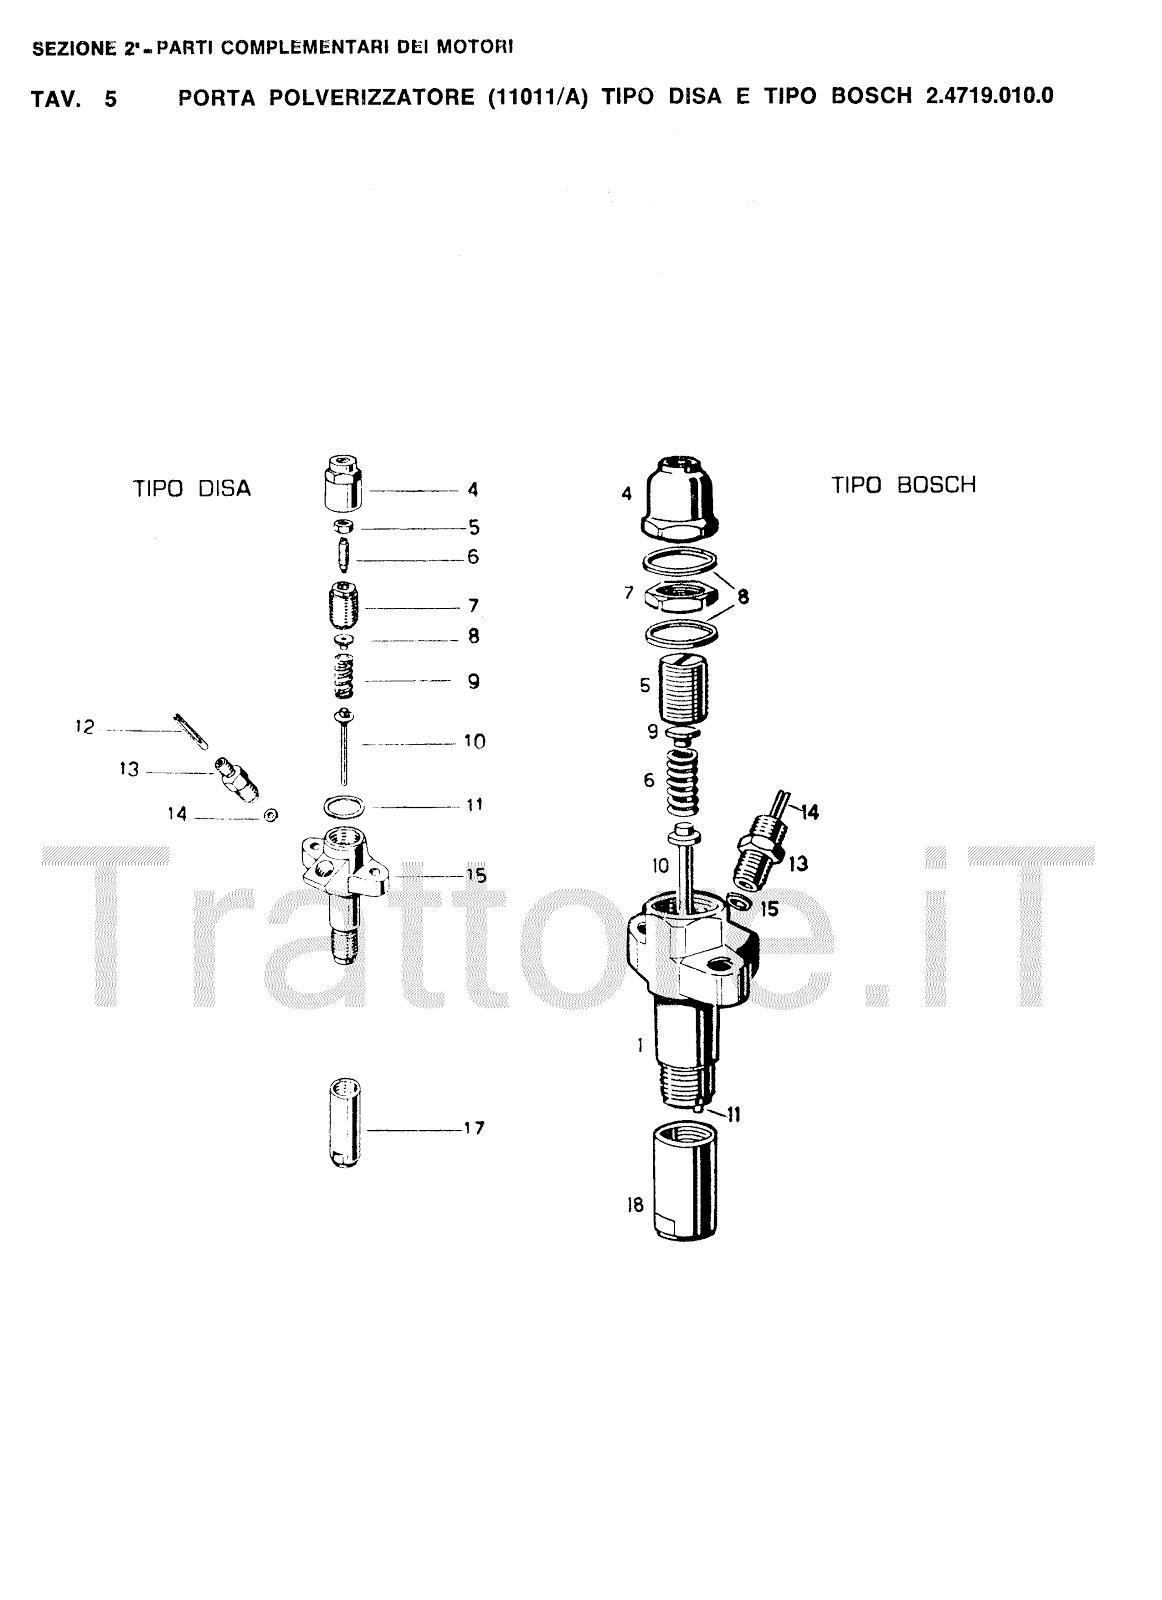 InfoTrattore.it: Manuale (esploso meccanico) Parti